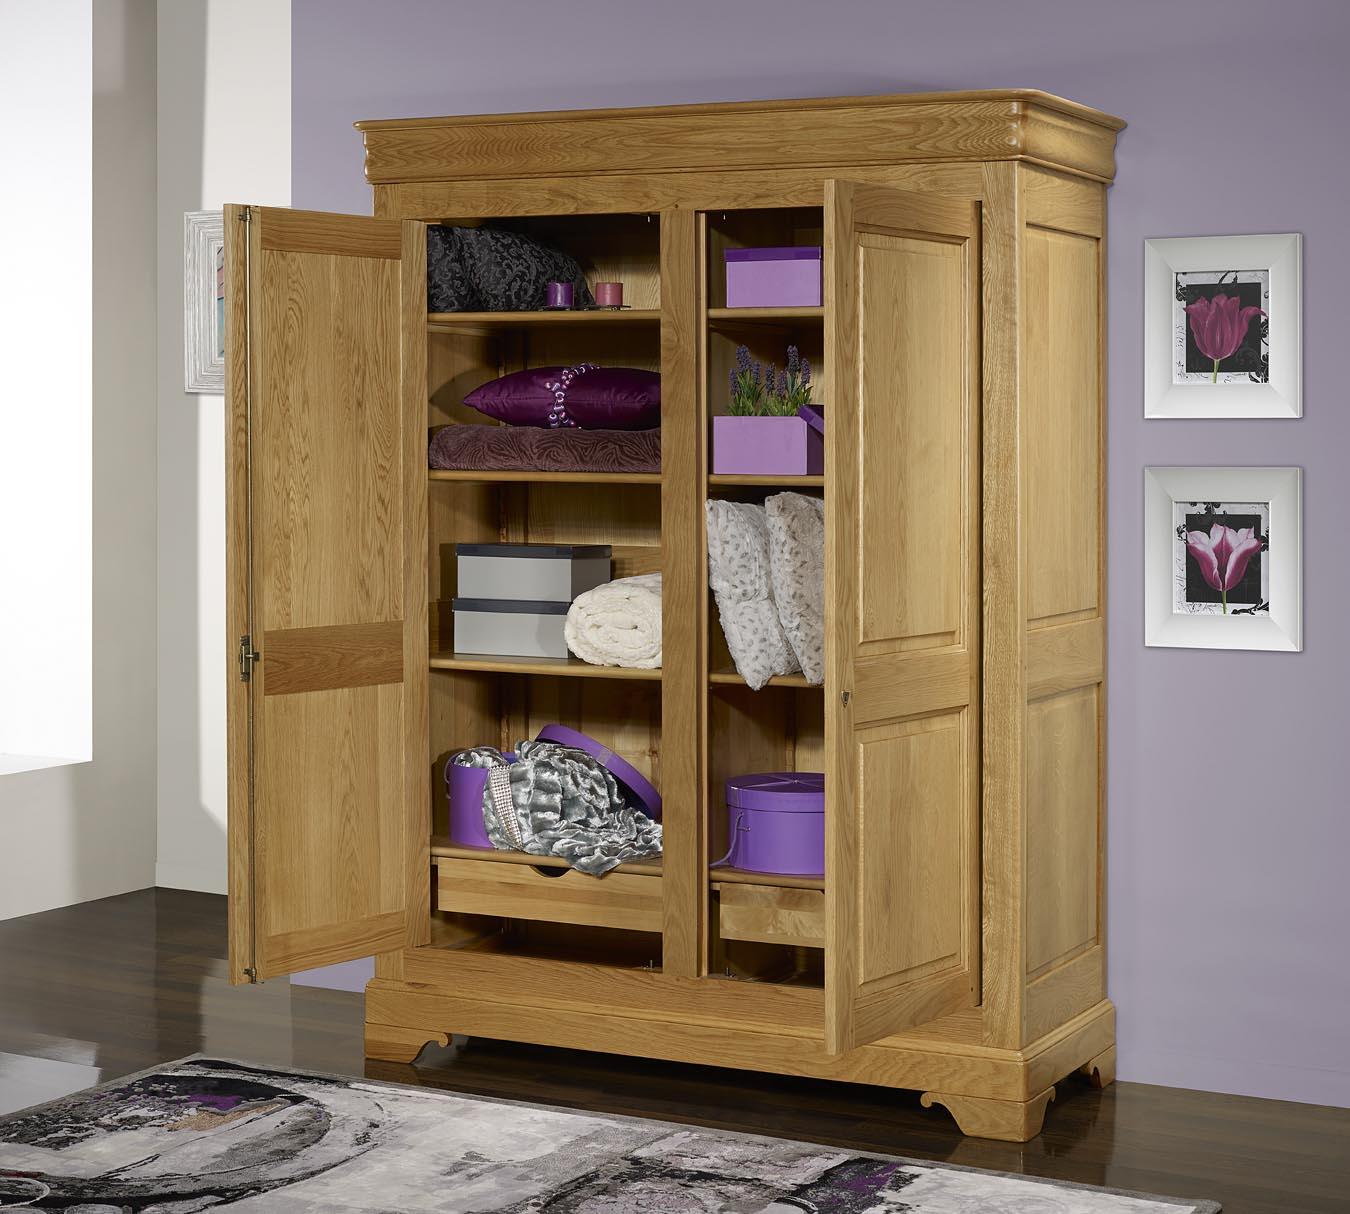 armoire 2 portes en ch ne massif de style louis philippe meuble en ch ne. Black Bedroom Furniture Sets. Home Design Ideas